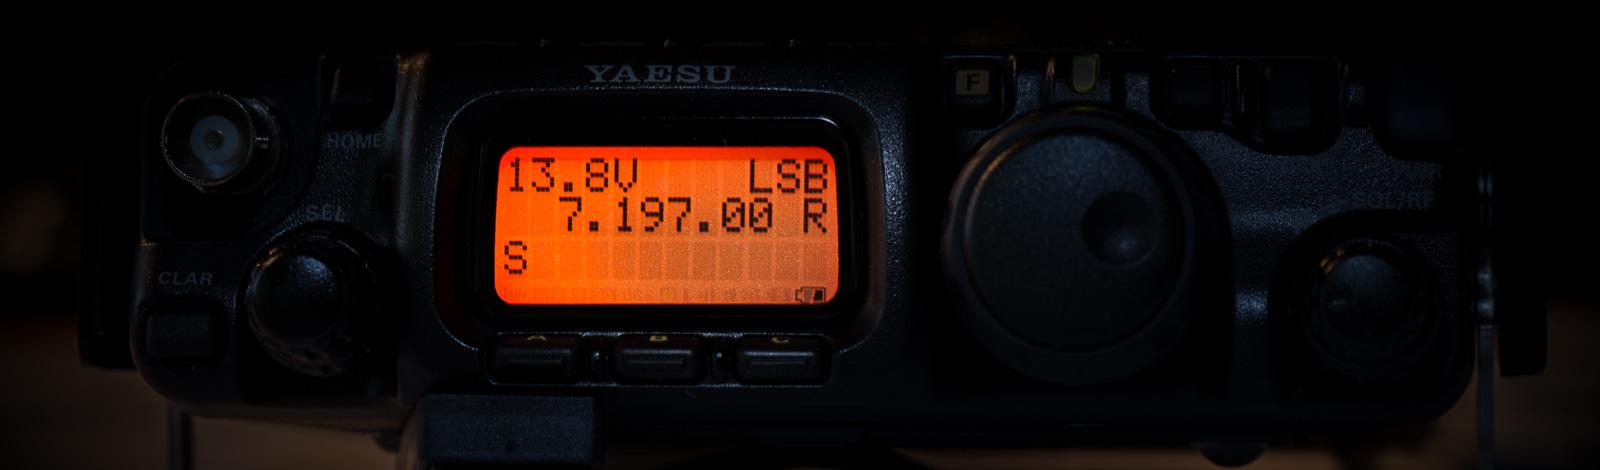 FT-817 für den Slider